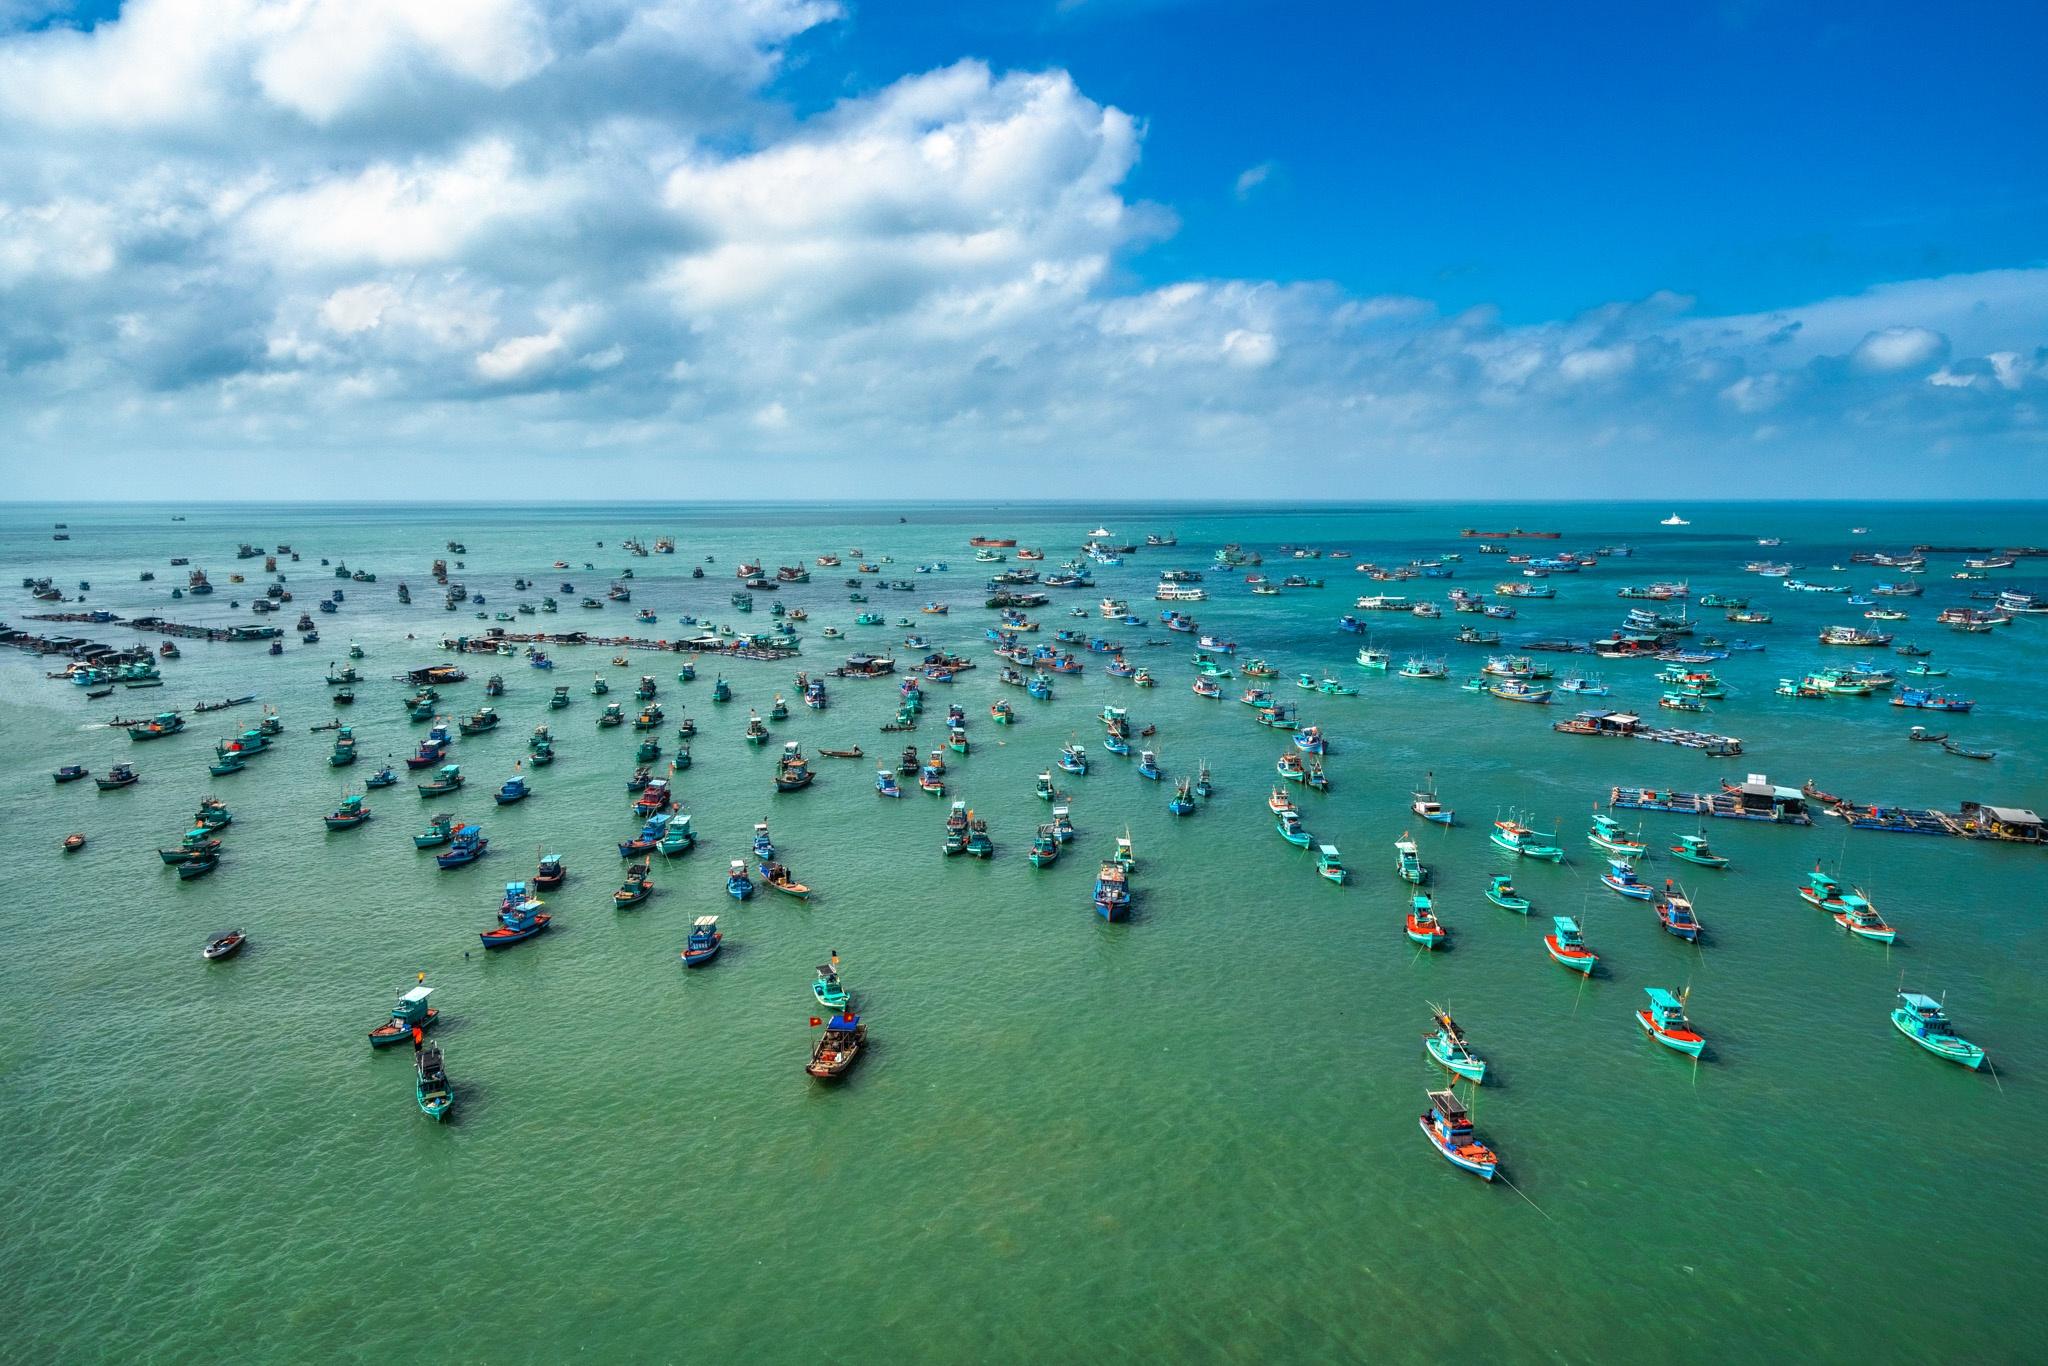 Chu du biển đảo Phú Quốc, ngắm vẻ đẹp giao hòa của tự nhiên - Ảnh 1.